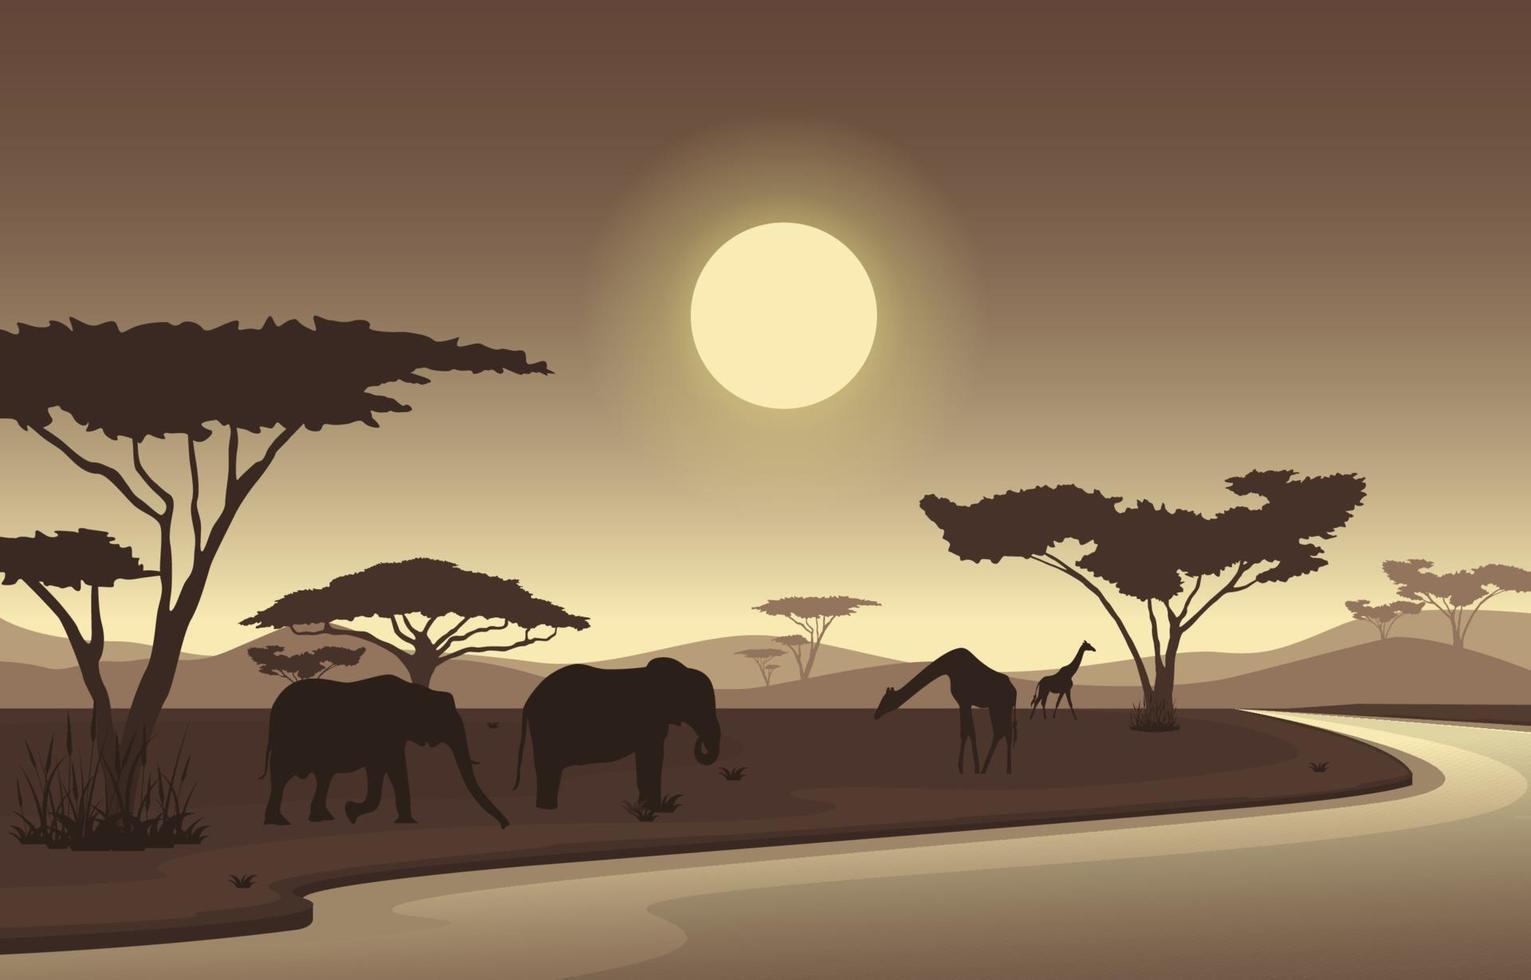 Elefantes y jirafas en el oasis en la ilustración del paisaje de la sabana africana vector